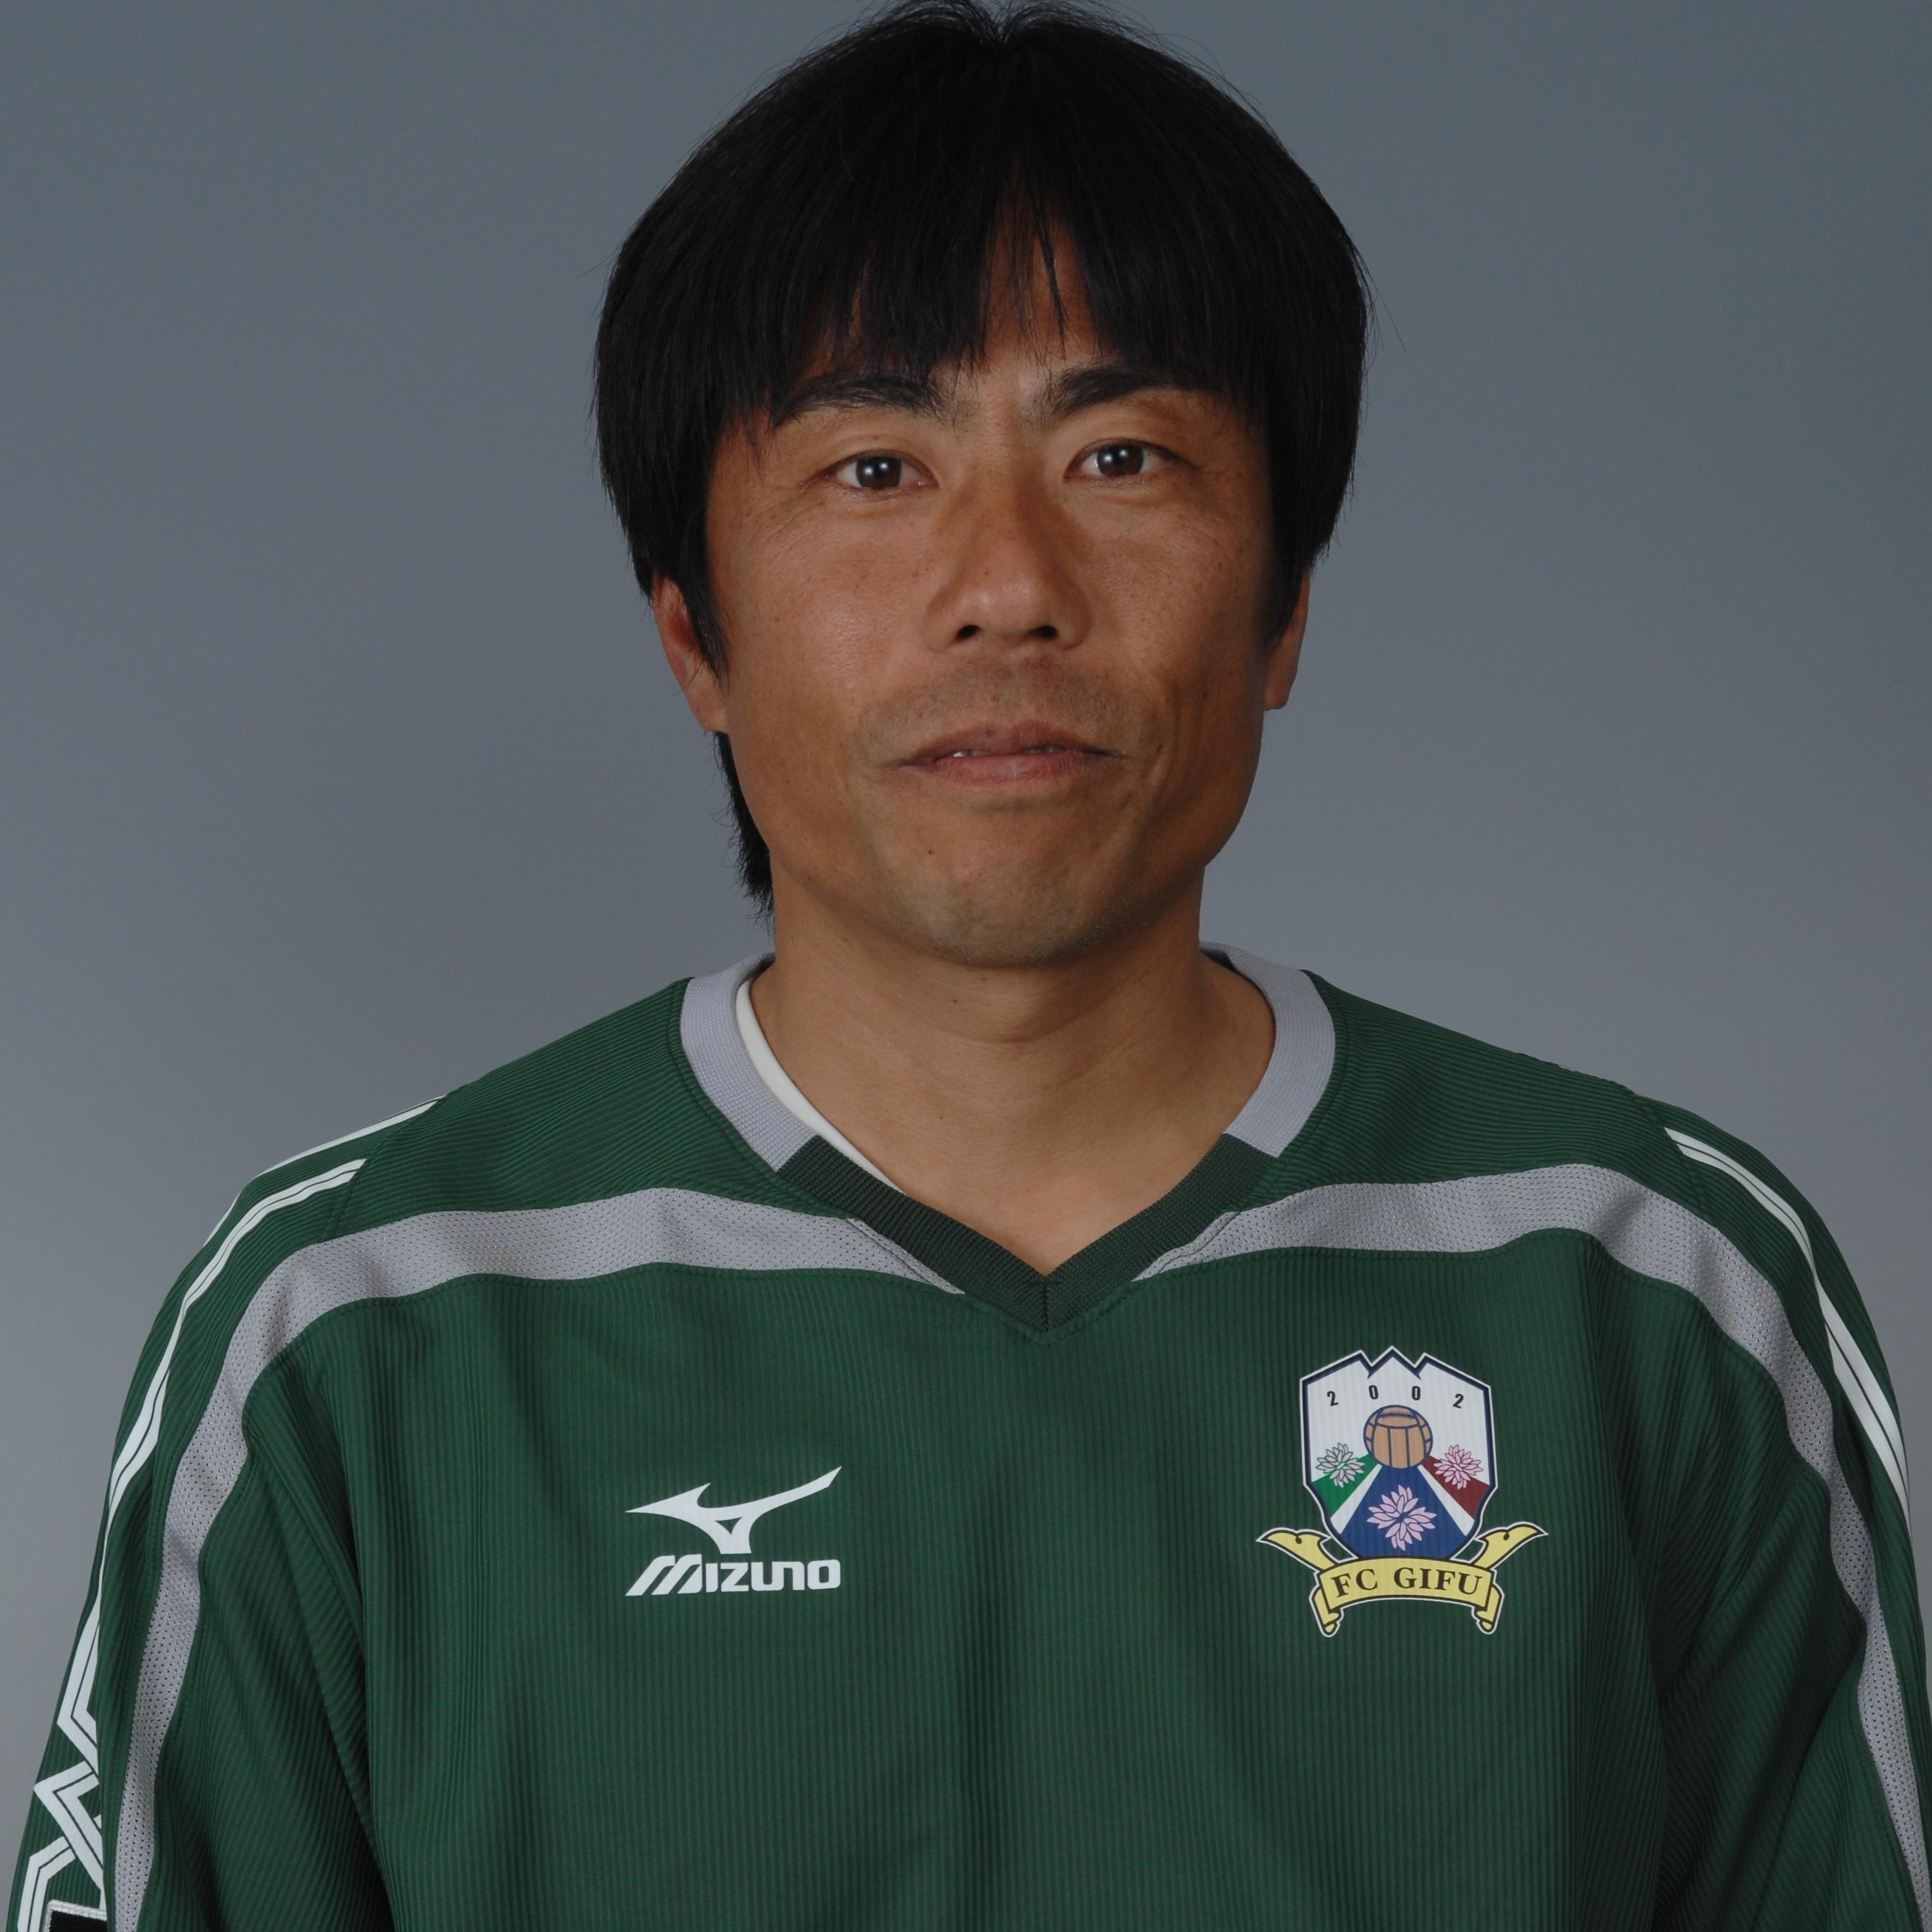 吉田 康弘